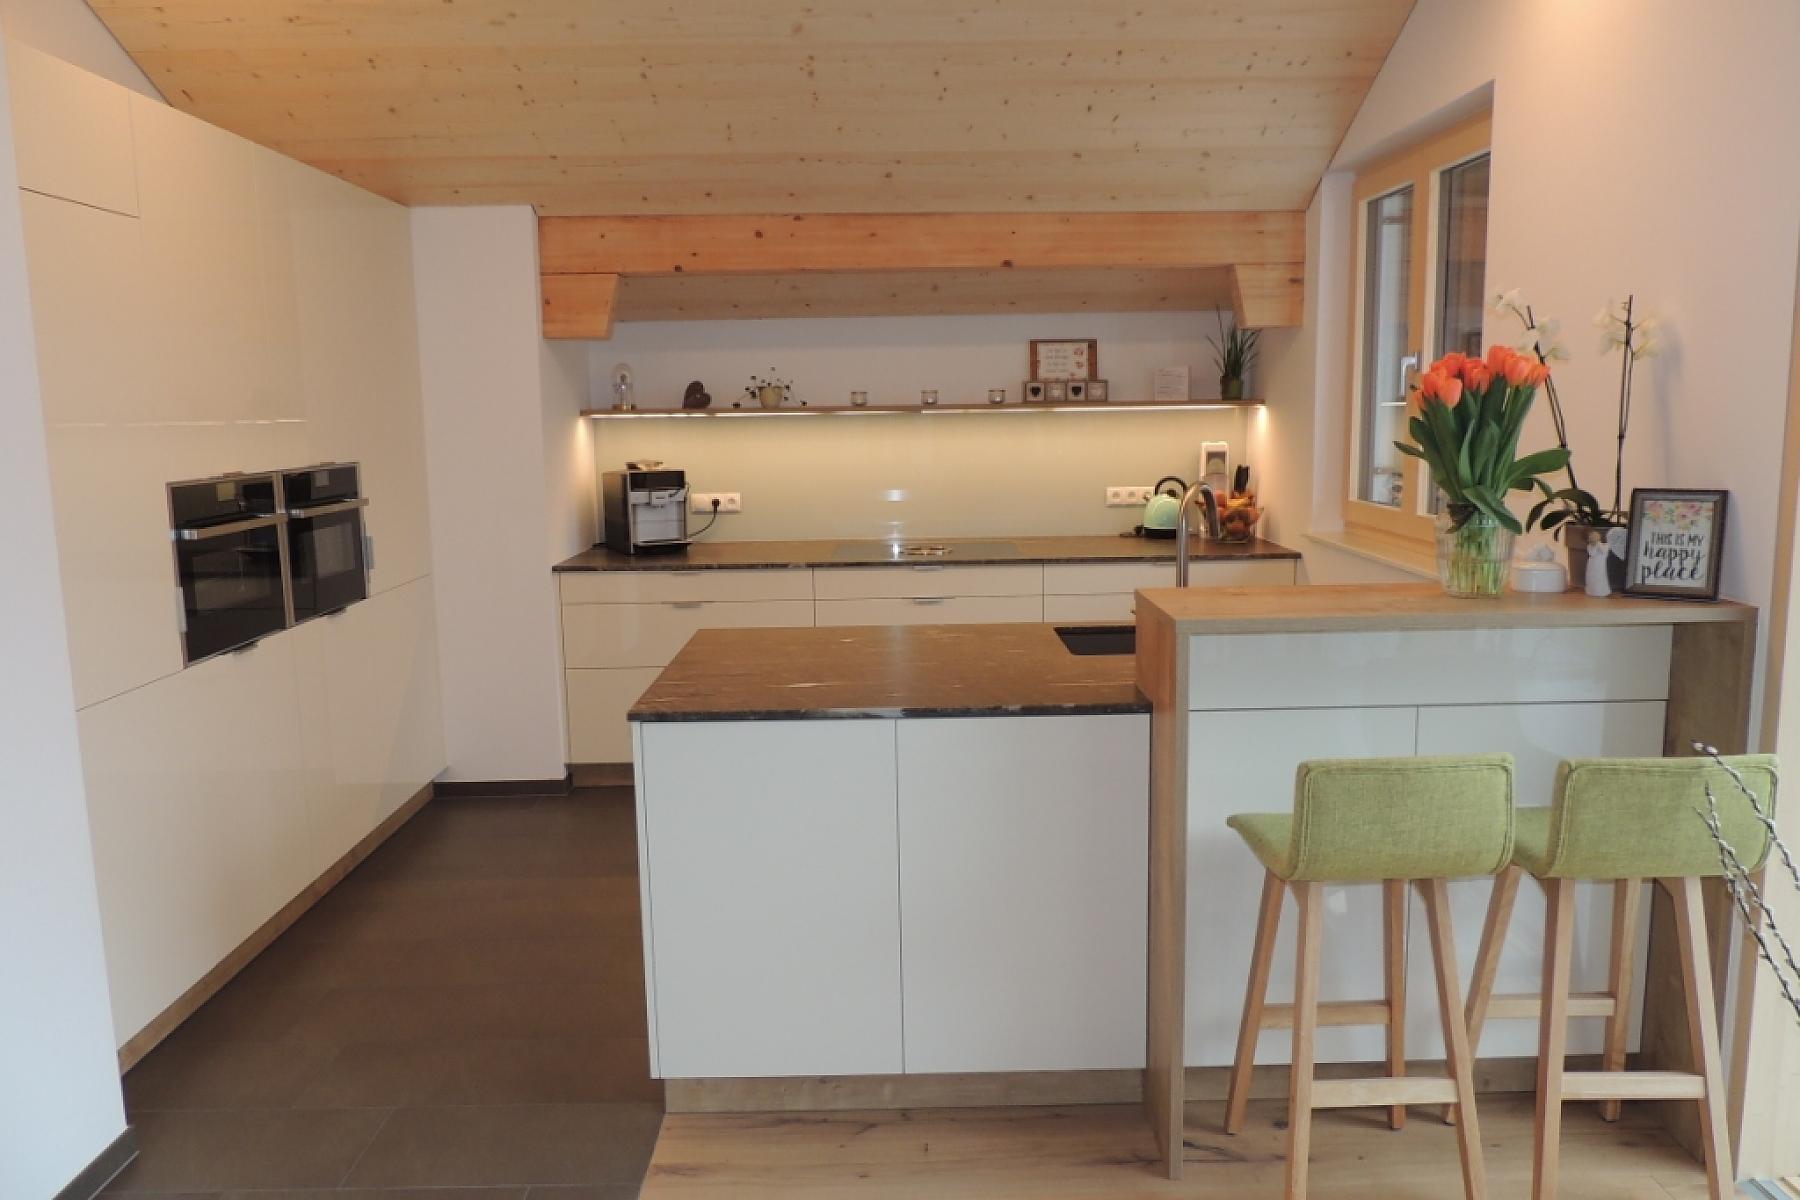 Ziemlich Budget Küche Renovieren Blog Fotos - Ideen Für Die Küche ...